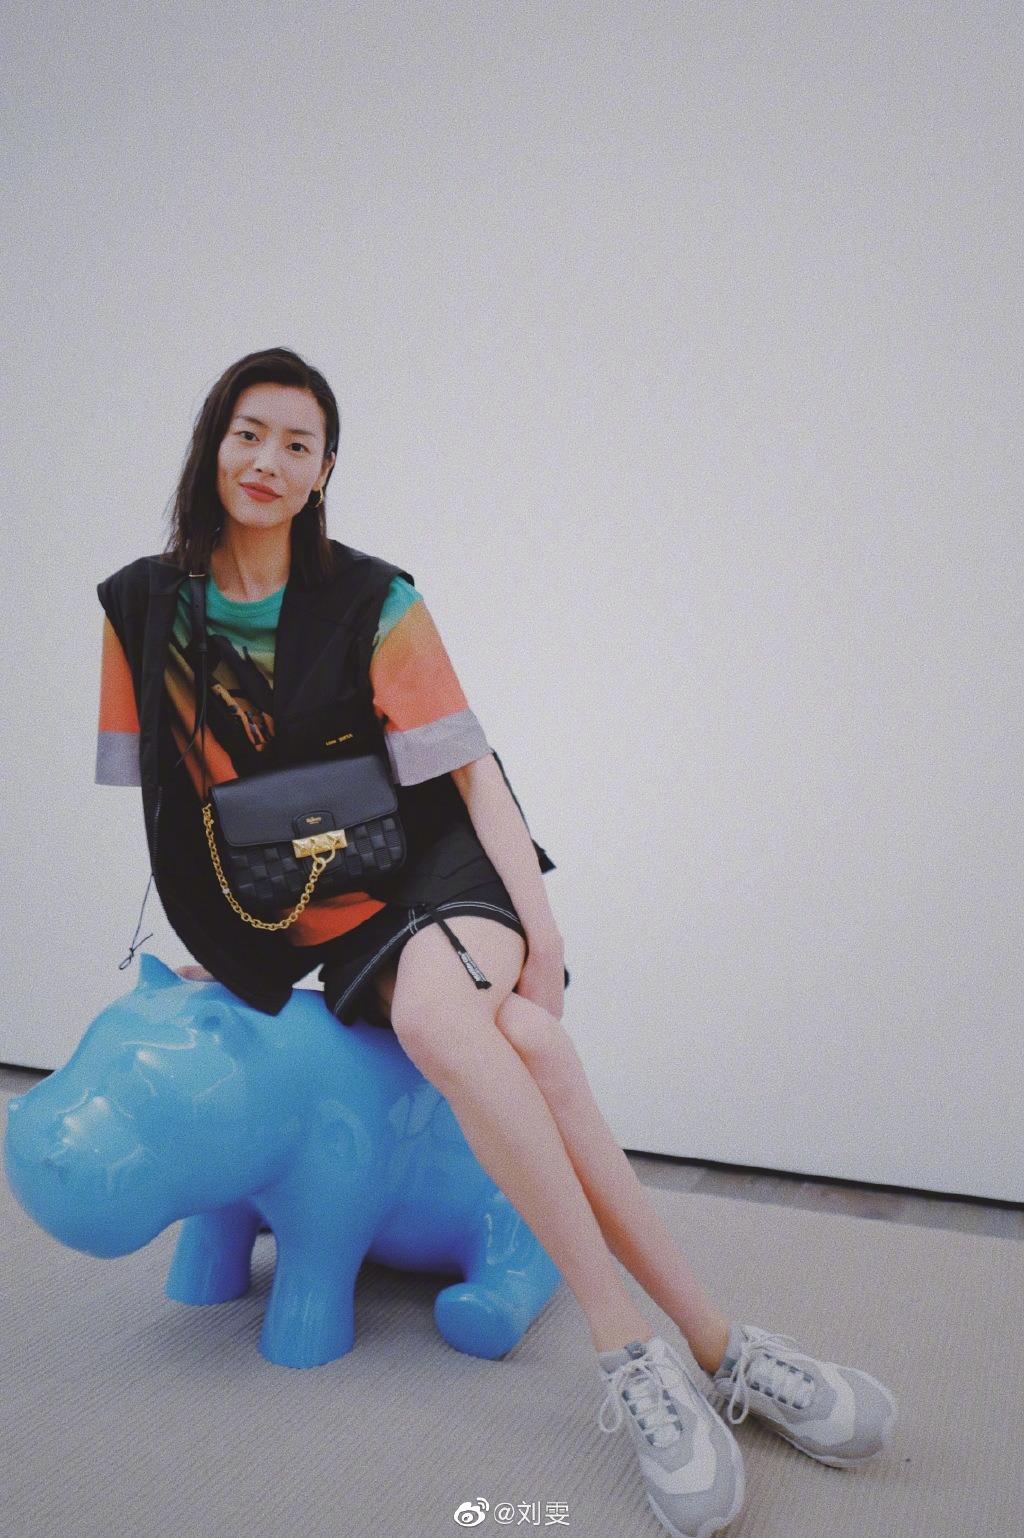 超模刘雯换新造型,摩卡波波头短发搭配基础款衣服,穿出高级感